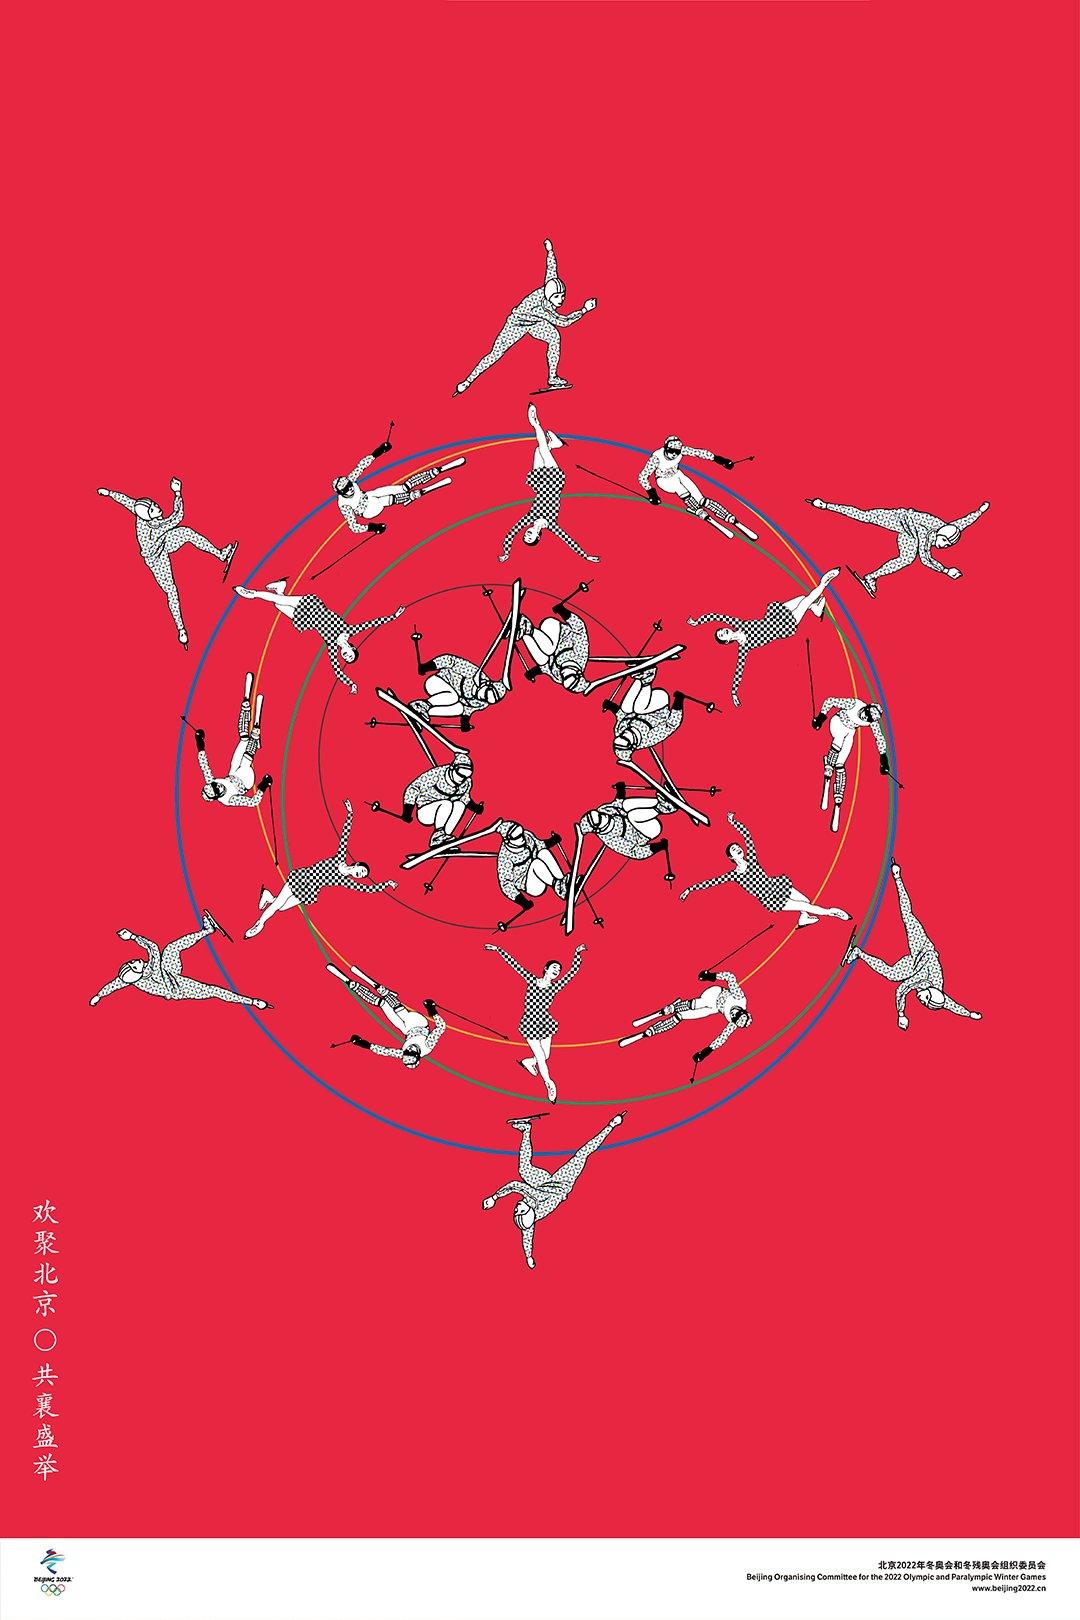 作品名:《共襄盛舉》作者:杭海、林帆、劉典 (來自:北京冬奧組委官網)